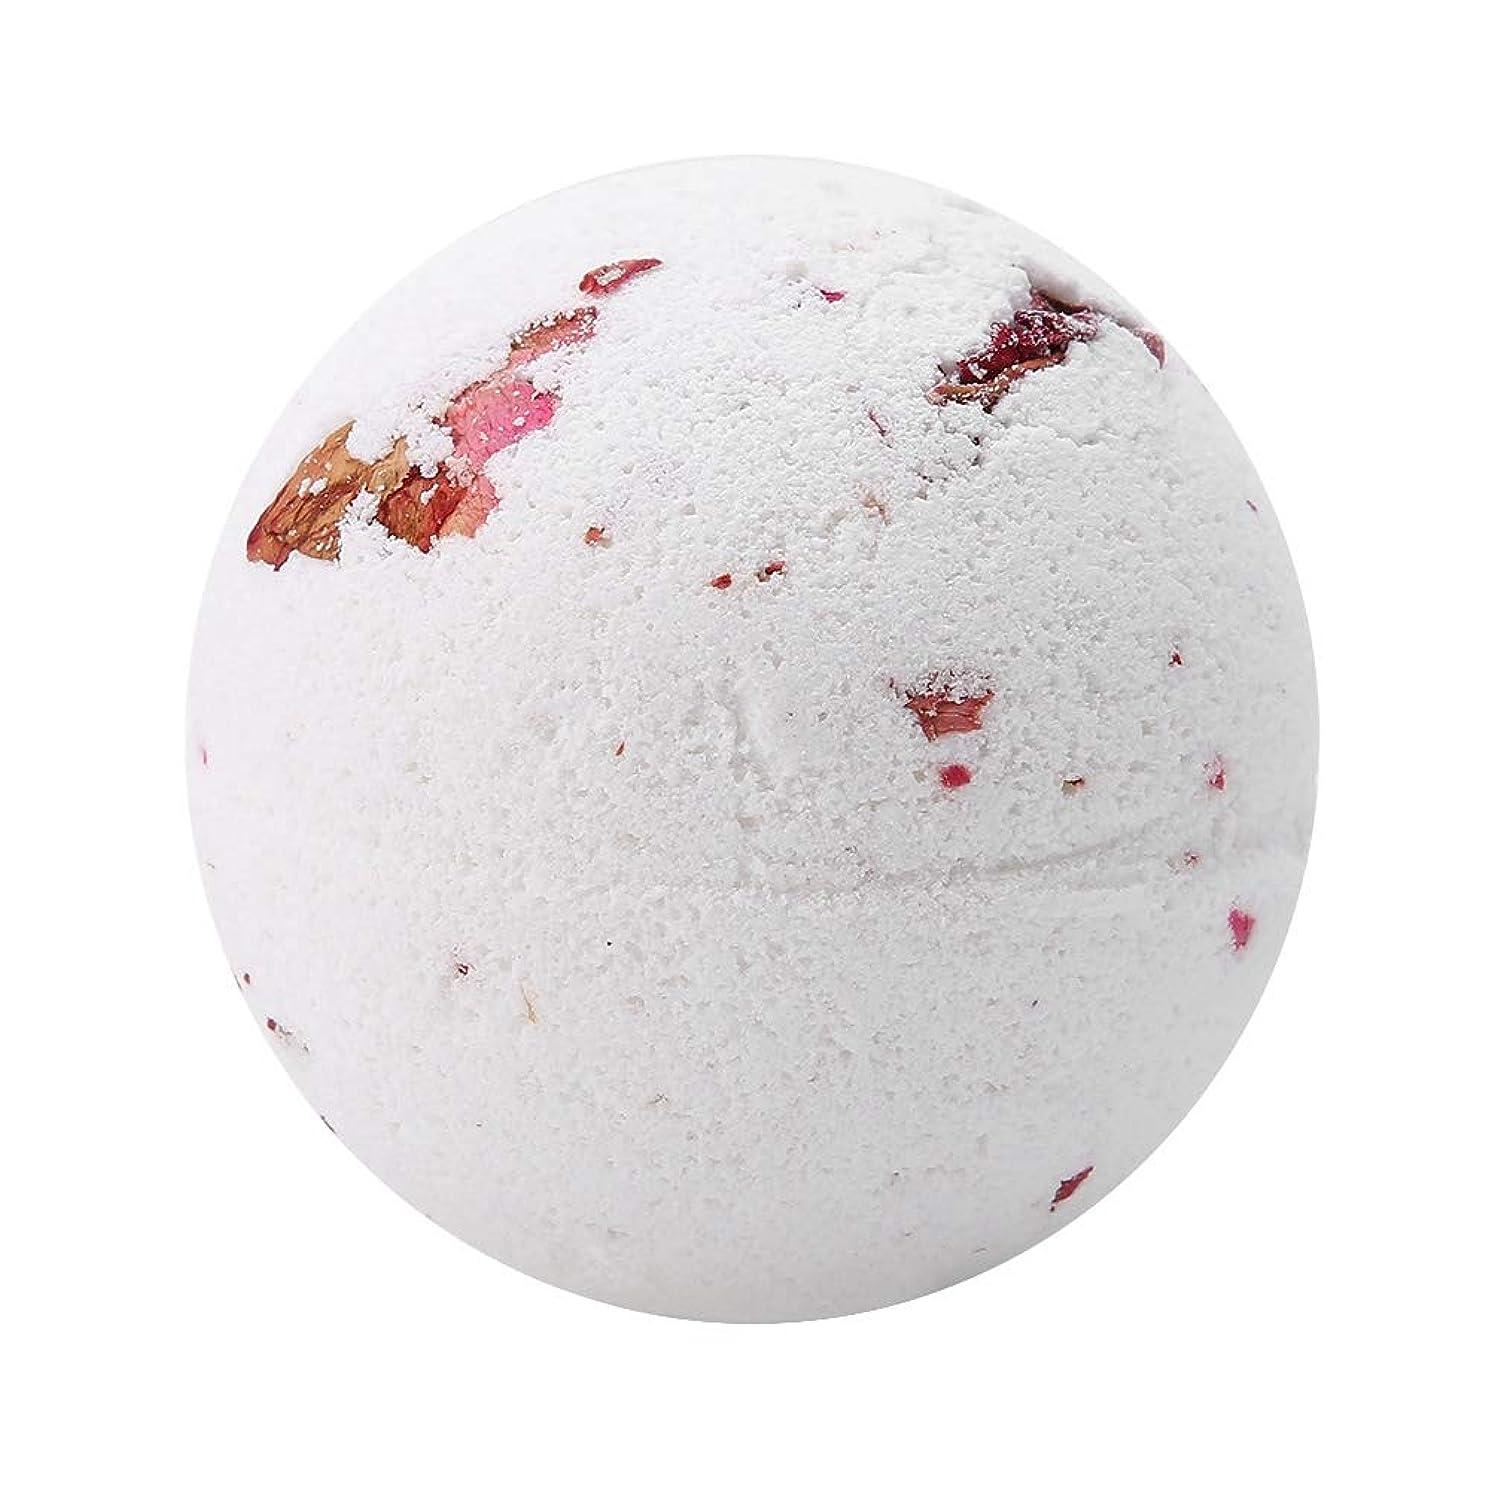 ピアニストかすかな円形入浴剤 100%天然エッセンシャルオイル&ドライフラワー、アロマテラピーリラクゼーション乾燥肌、キューティクルの柔らかさ 泡風呂 ガールフレンドのアイデアギフト 女性 母親(Milk Rose)